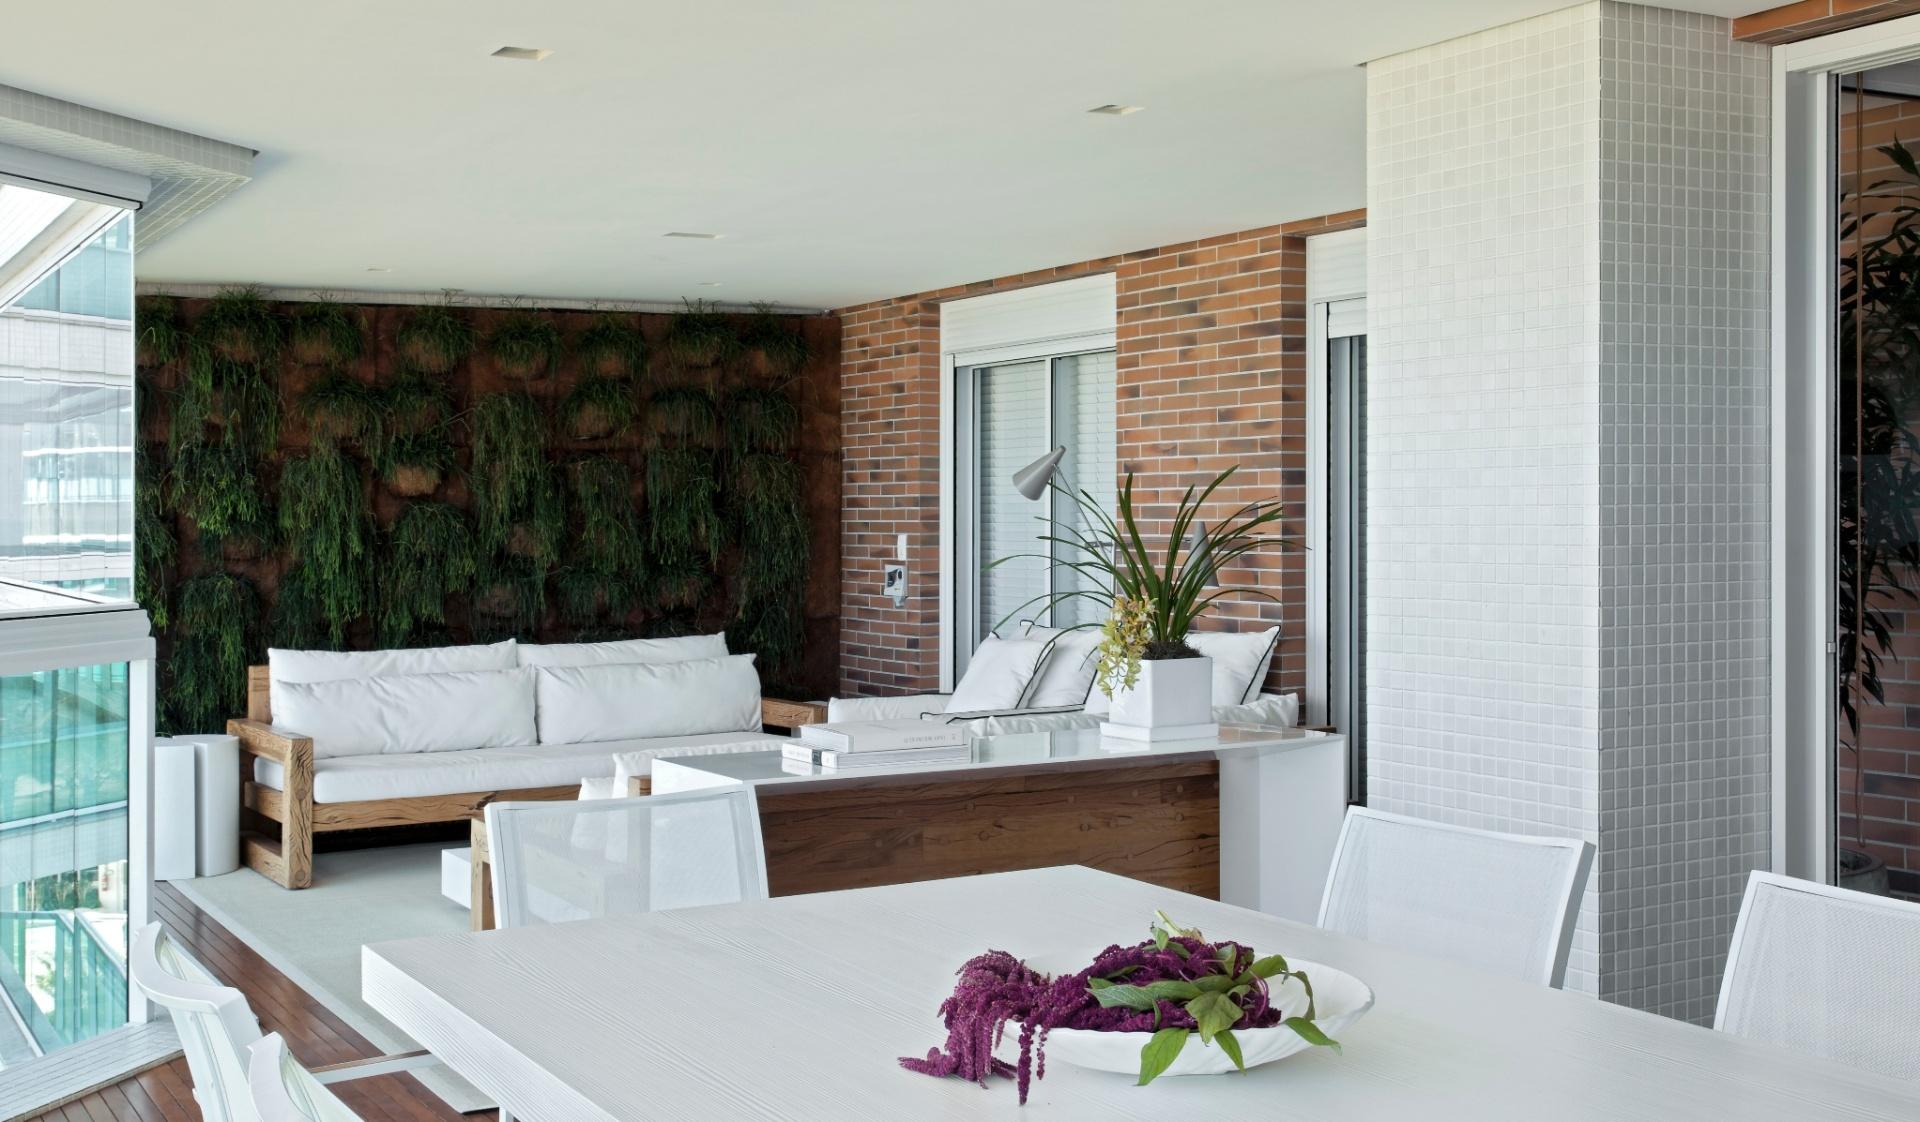 O destaque da varanda do apartamento na Riviera de São Lourenço, decorado pelo arquiteto Diego Revollo, é o jardim vertical com cactos-macarrão e irrigação automatizada, assinado por Ronaldo Kurita